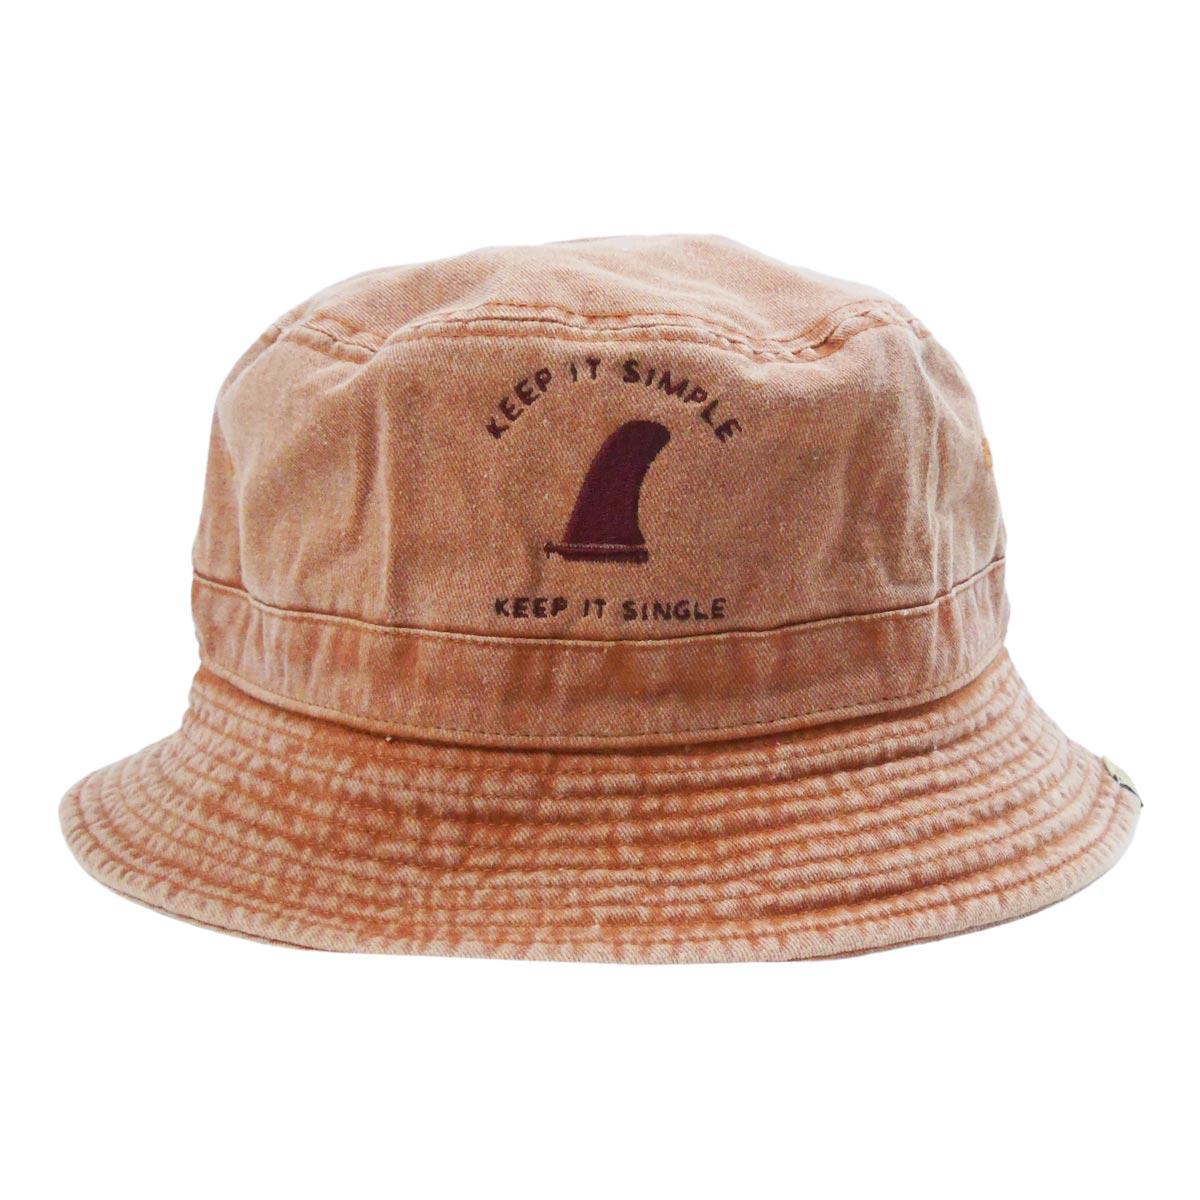 Almond Surf アーモンドサーフボードデザイン KEEP IT SIMPLE BUCKET HAT